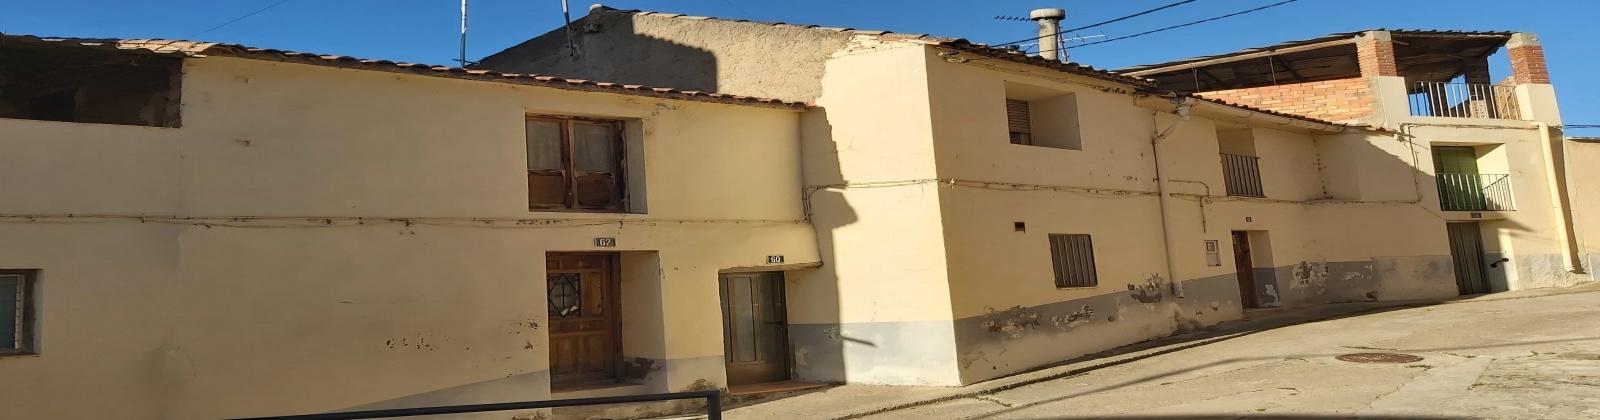 fachada casa 2